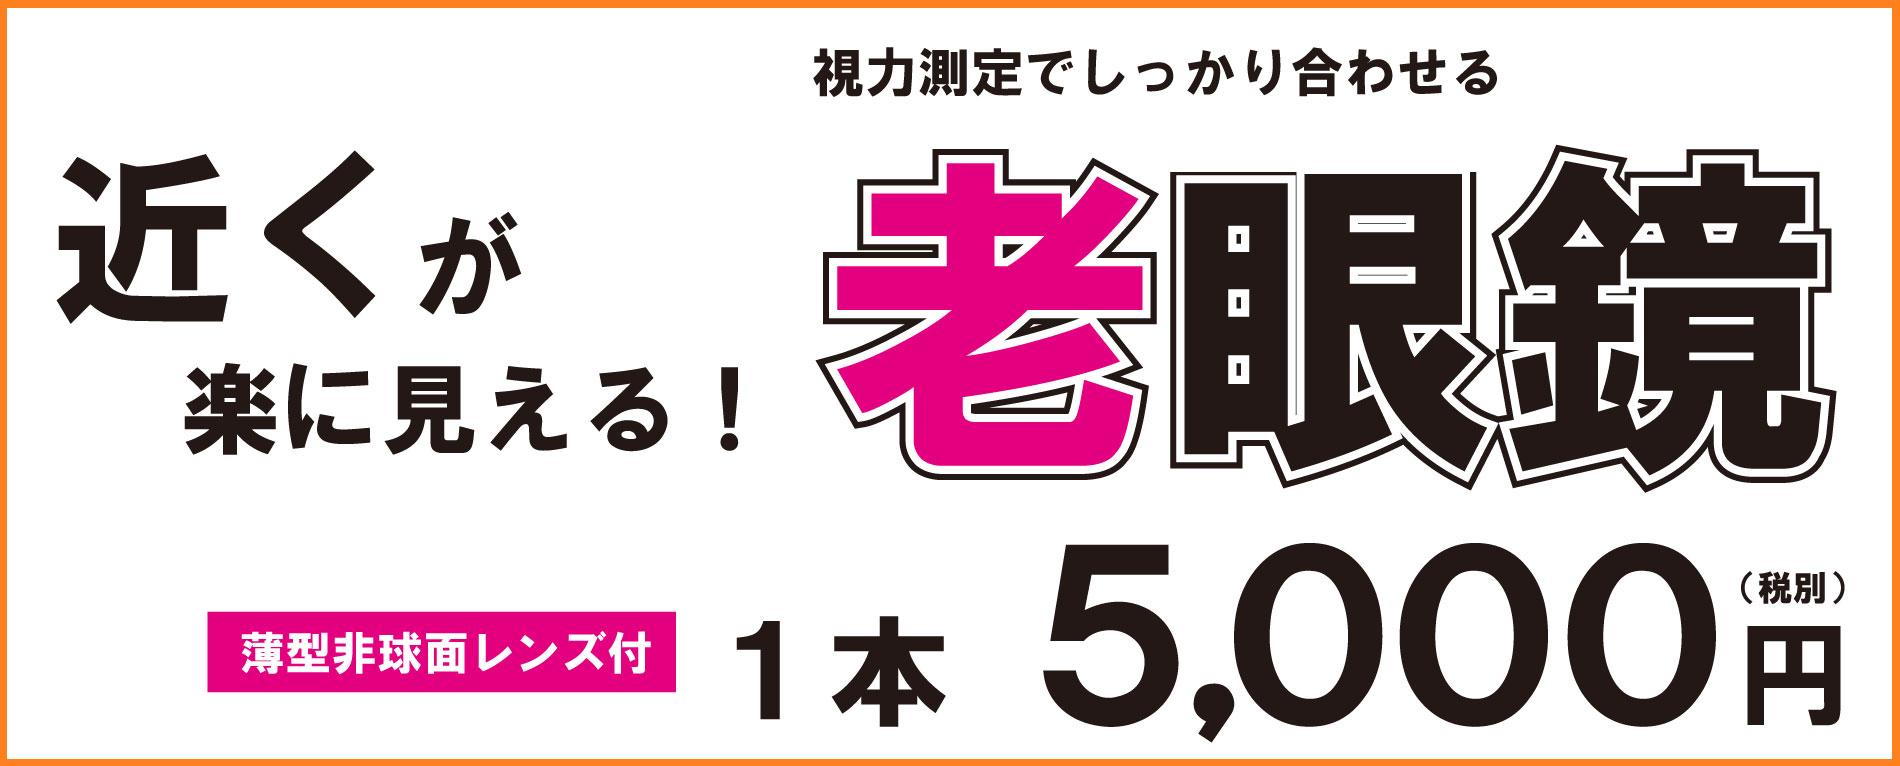 近くが楽に見える! 老眼鏡 1本5,000円(税別)